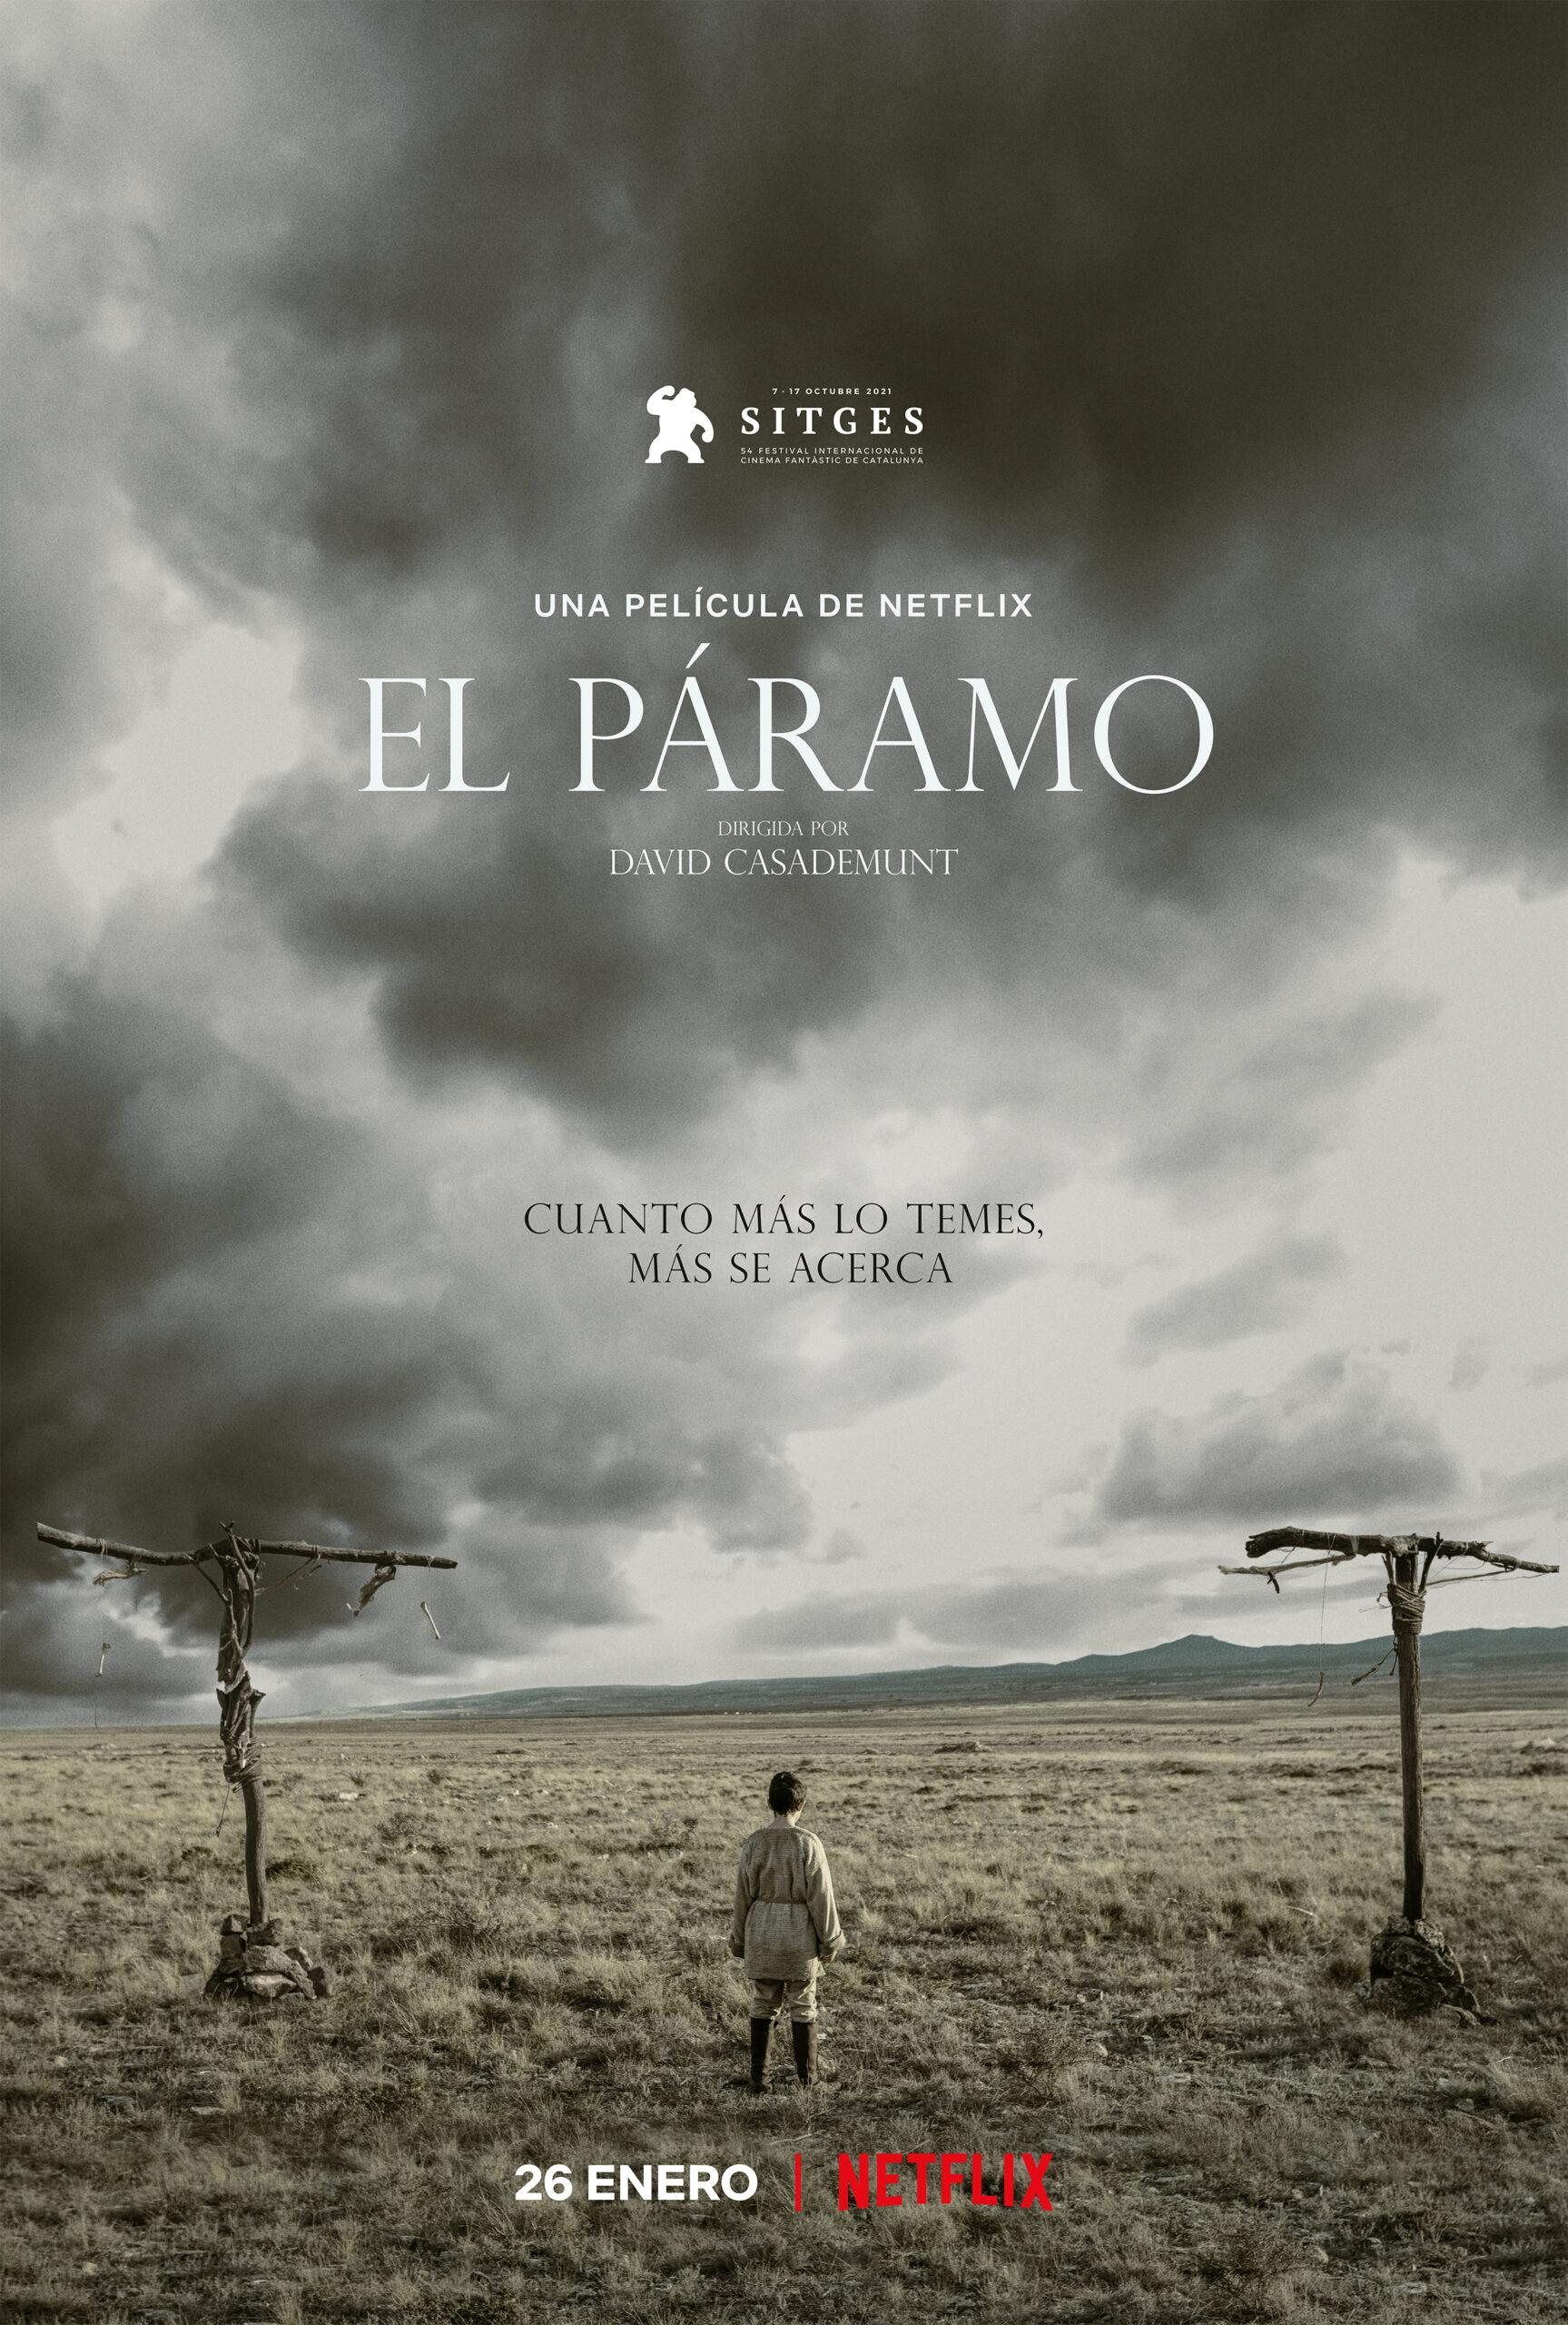 'El páramo': Teaser tráiler, póster y fecha de estreno de la ópera prima de David Casademunt • En tu pantalla